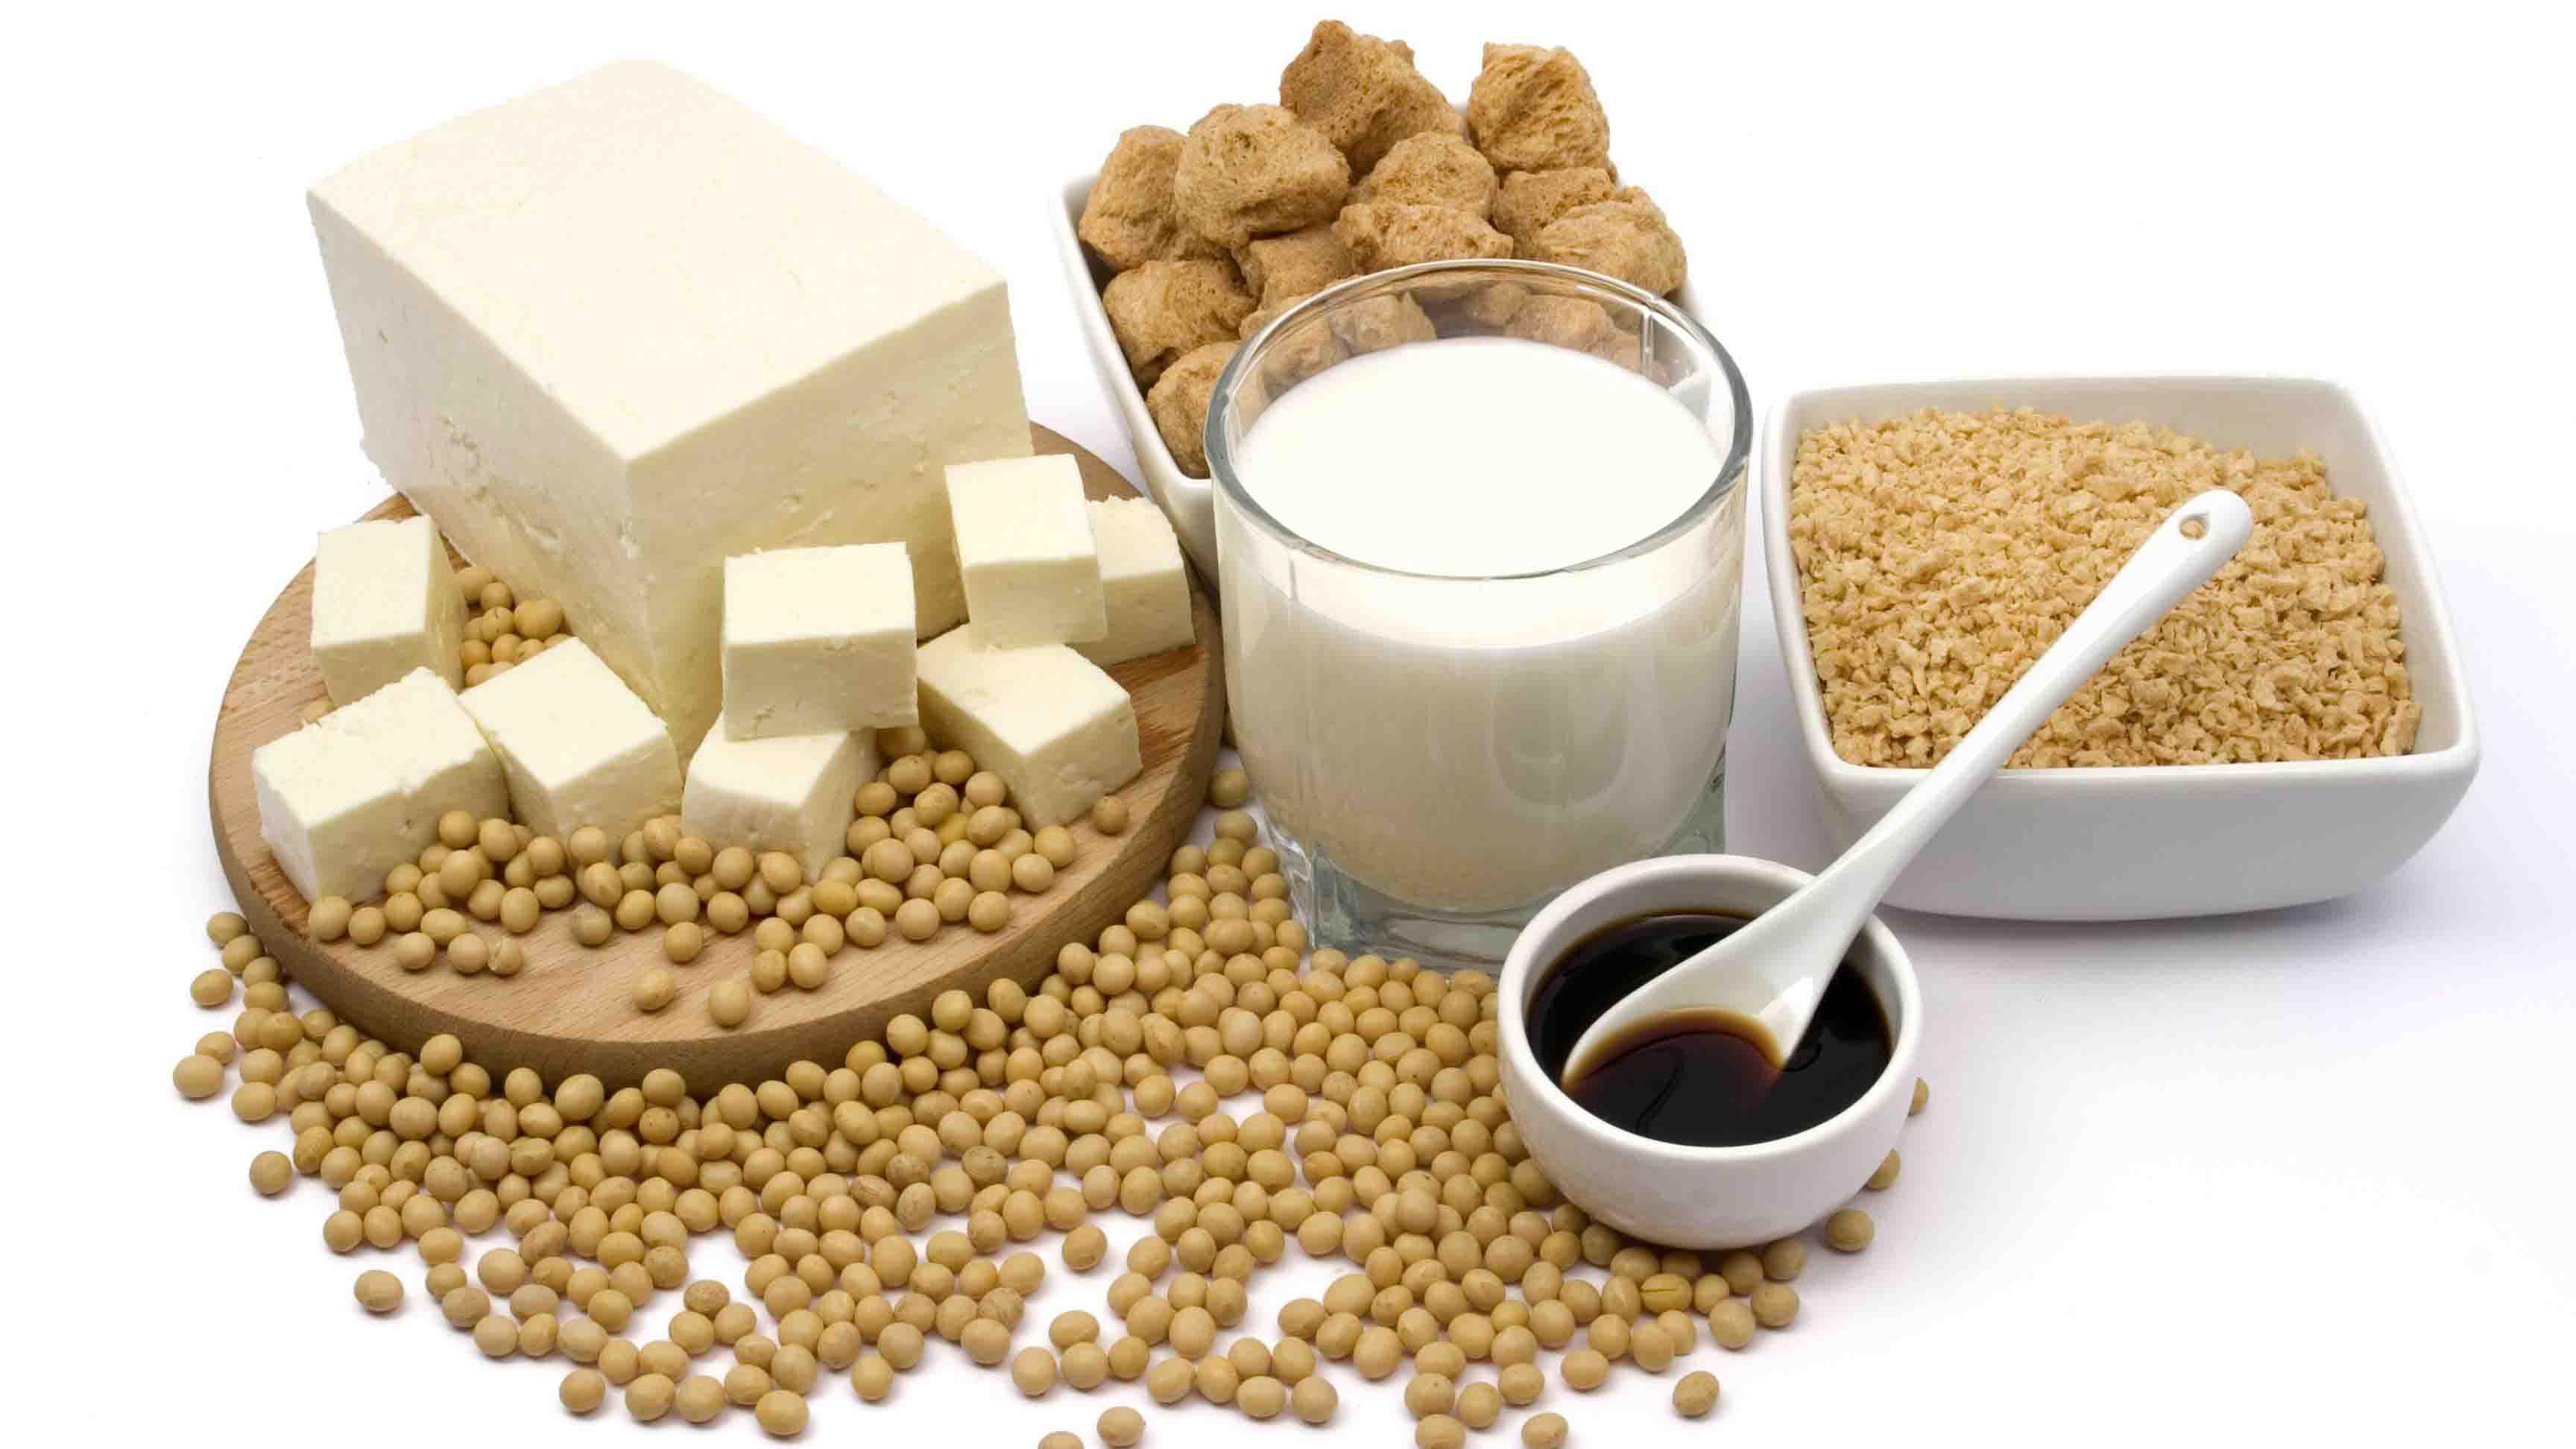 Puede disminuir moderadamente los niveles de colesterol total, la presión arterial y evitar problemas cardiovasculares